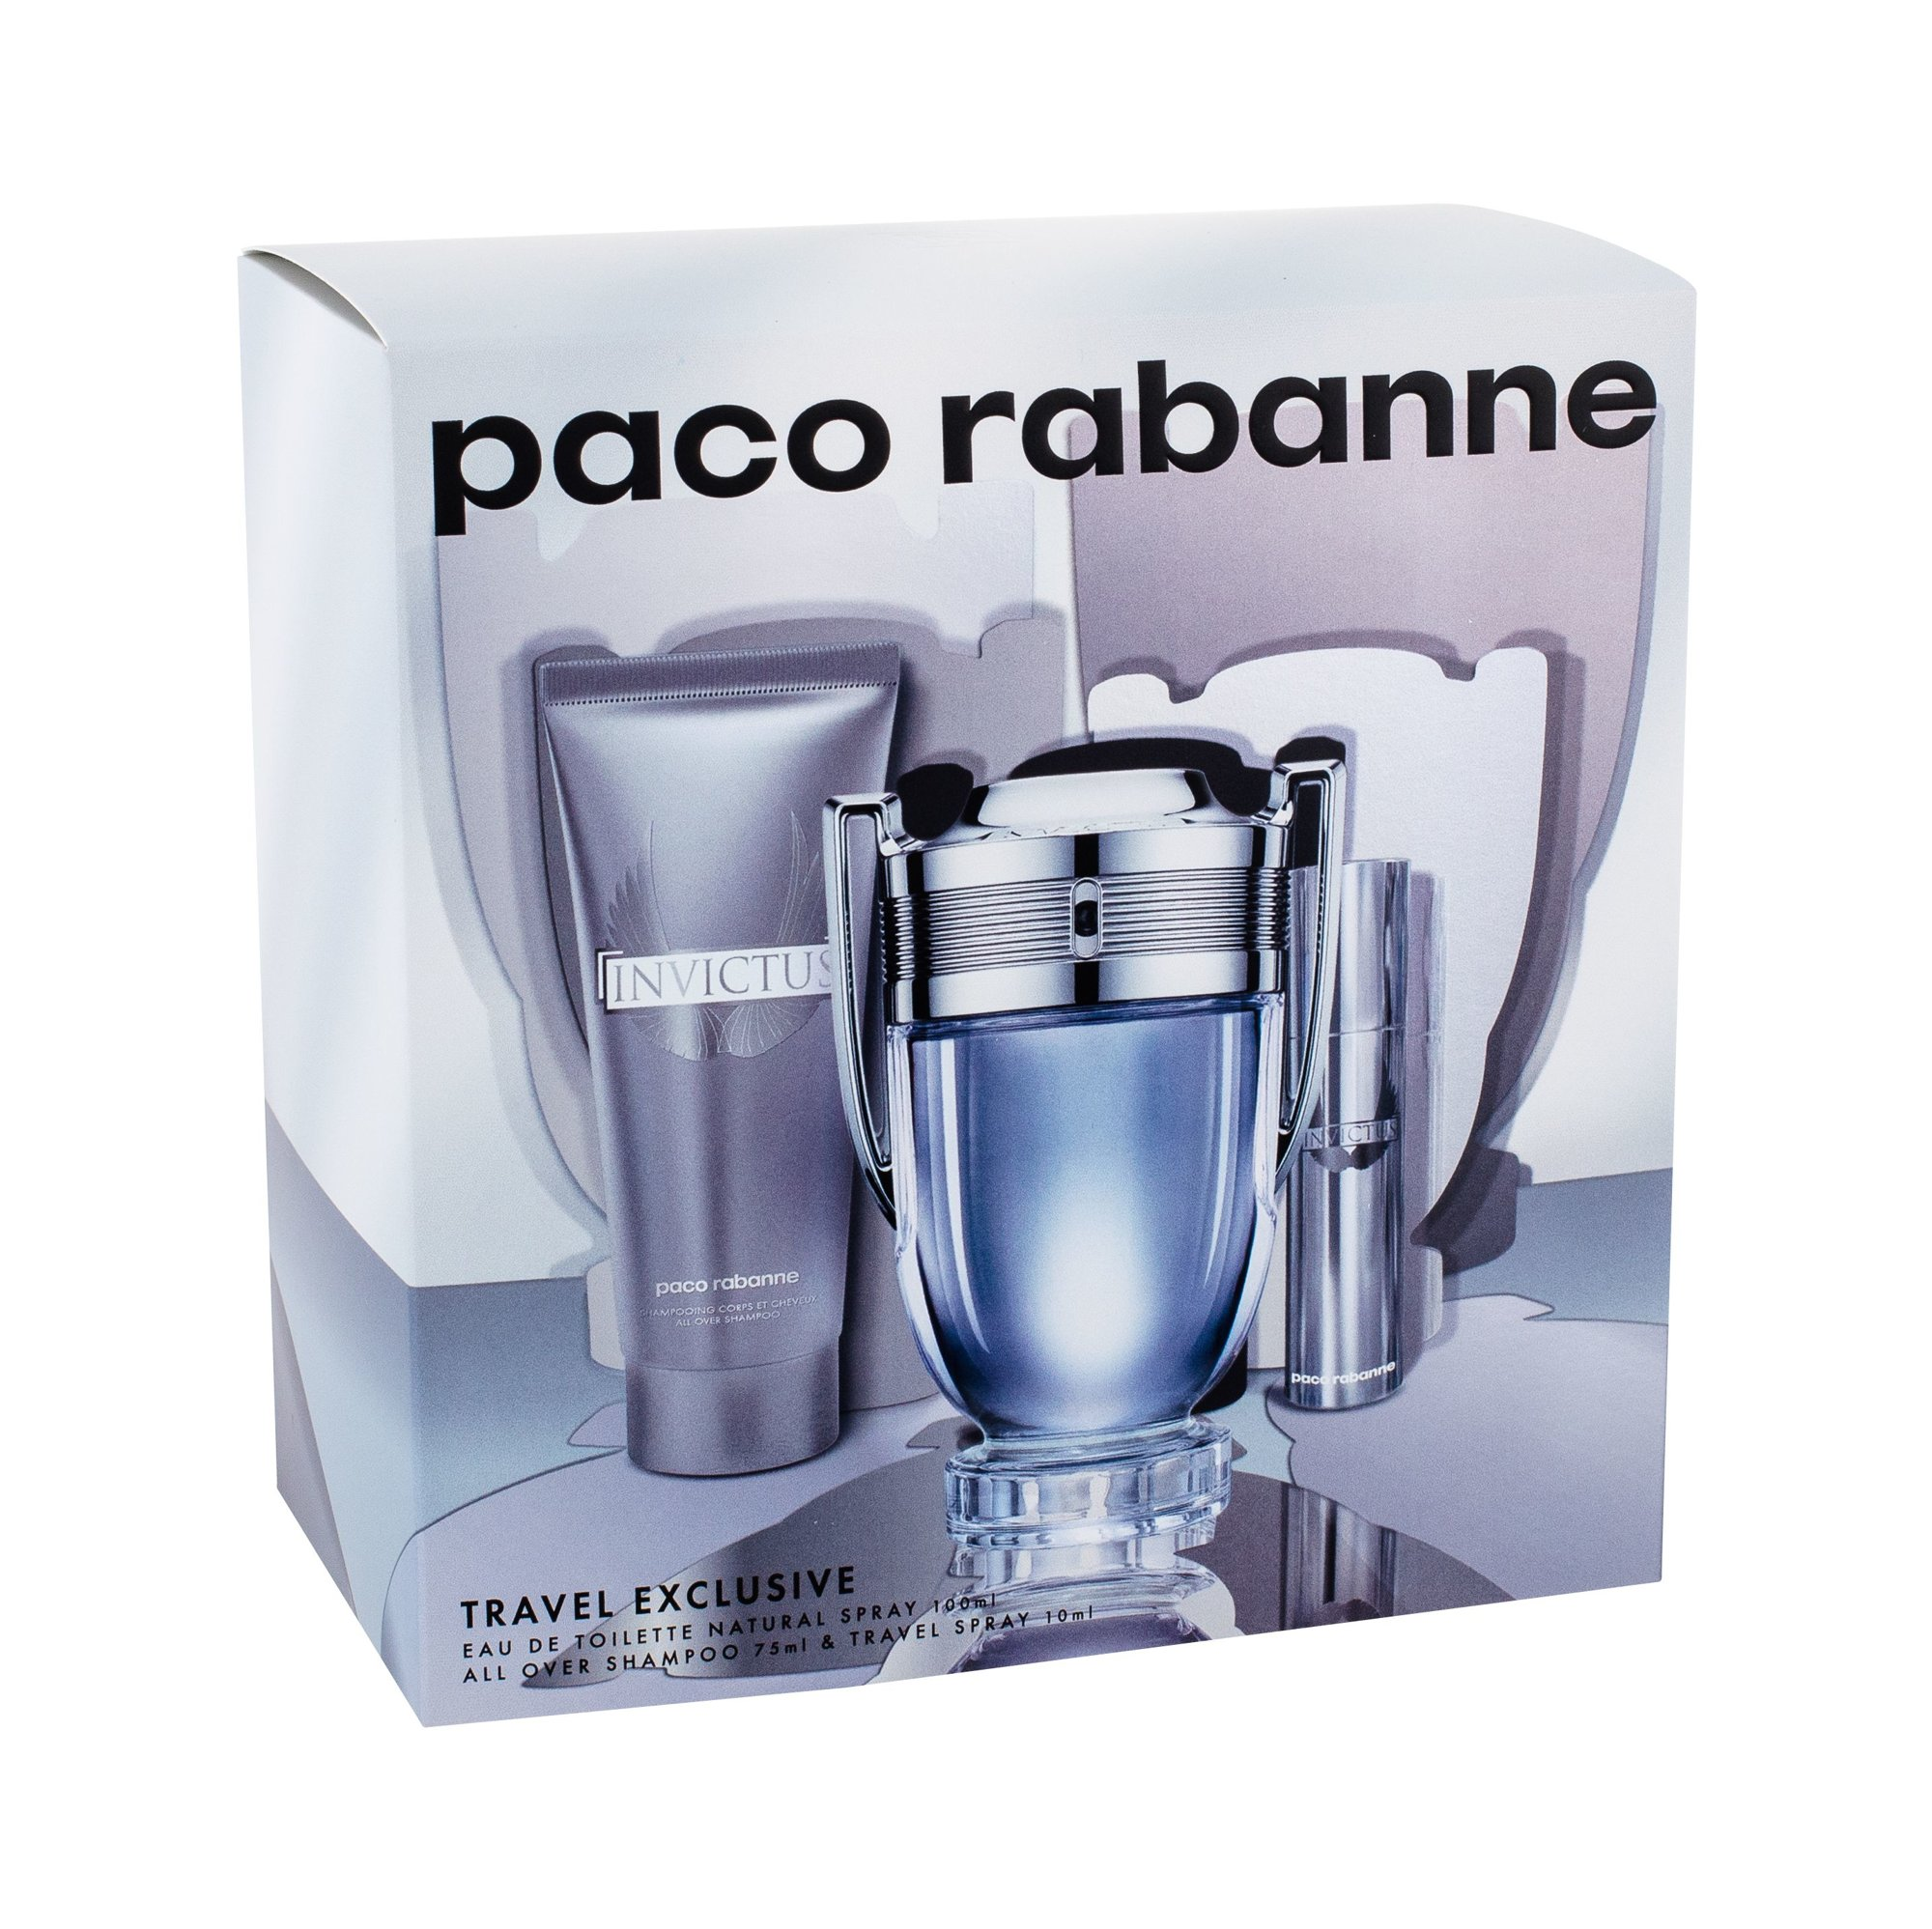 Paco Rabanne Invictus, toaletná voda 100 ml + toaletná voda 10 ml + sprchovací gél 75 ml